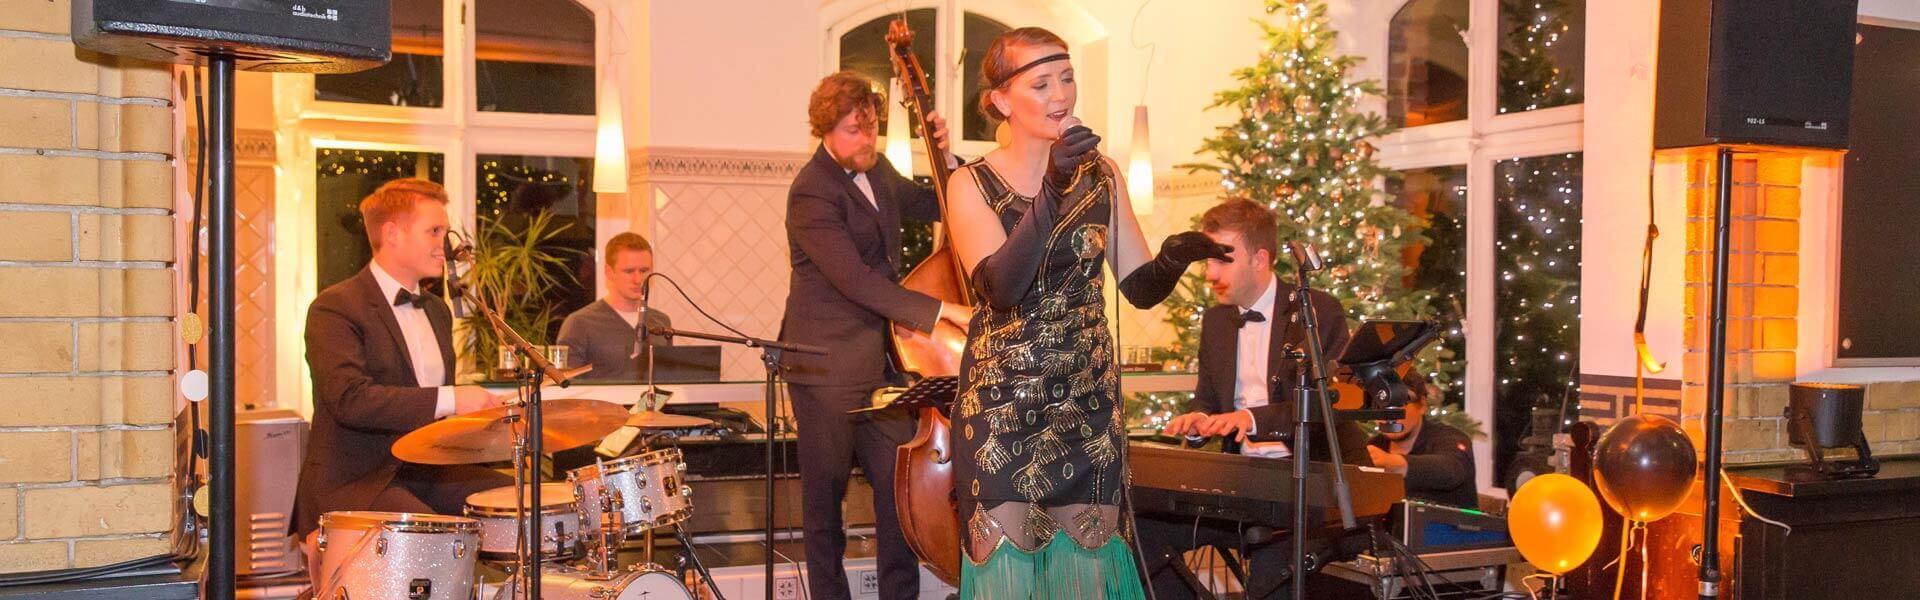 Jazz Live Band zur 20er Jahre Gatsby Weihnachtsparty b-ceed events